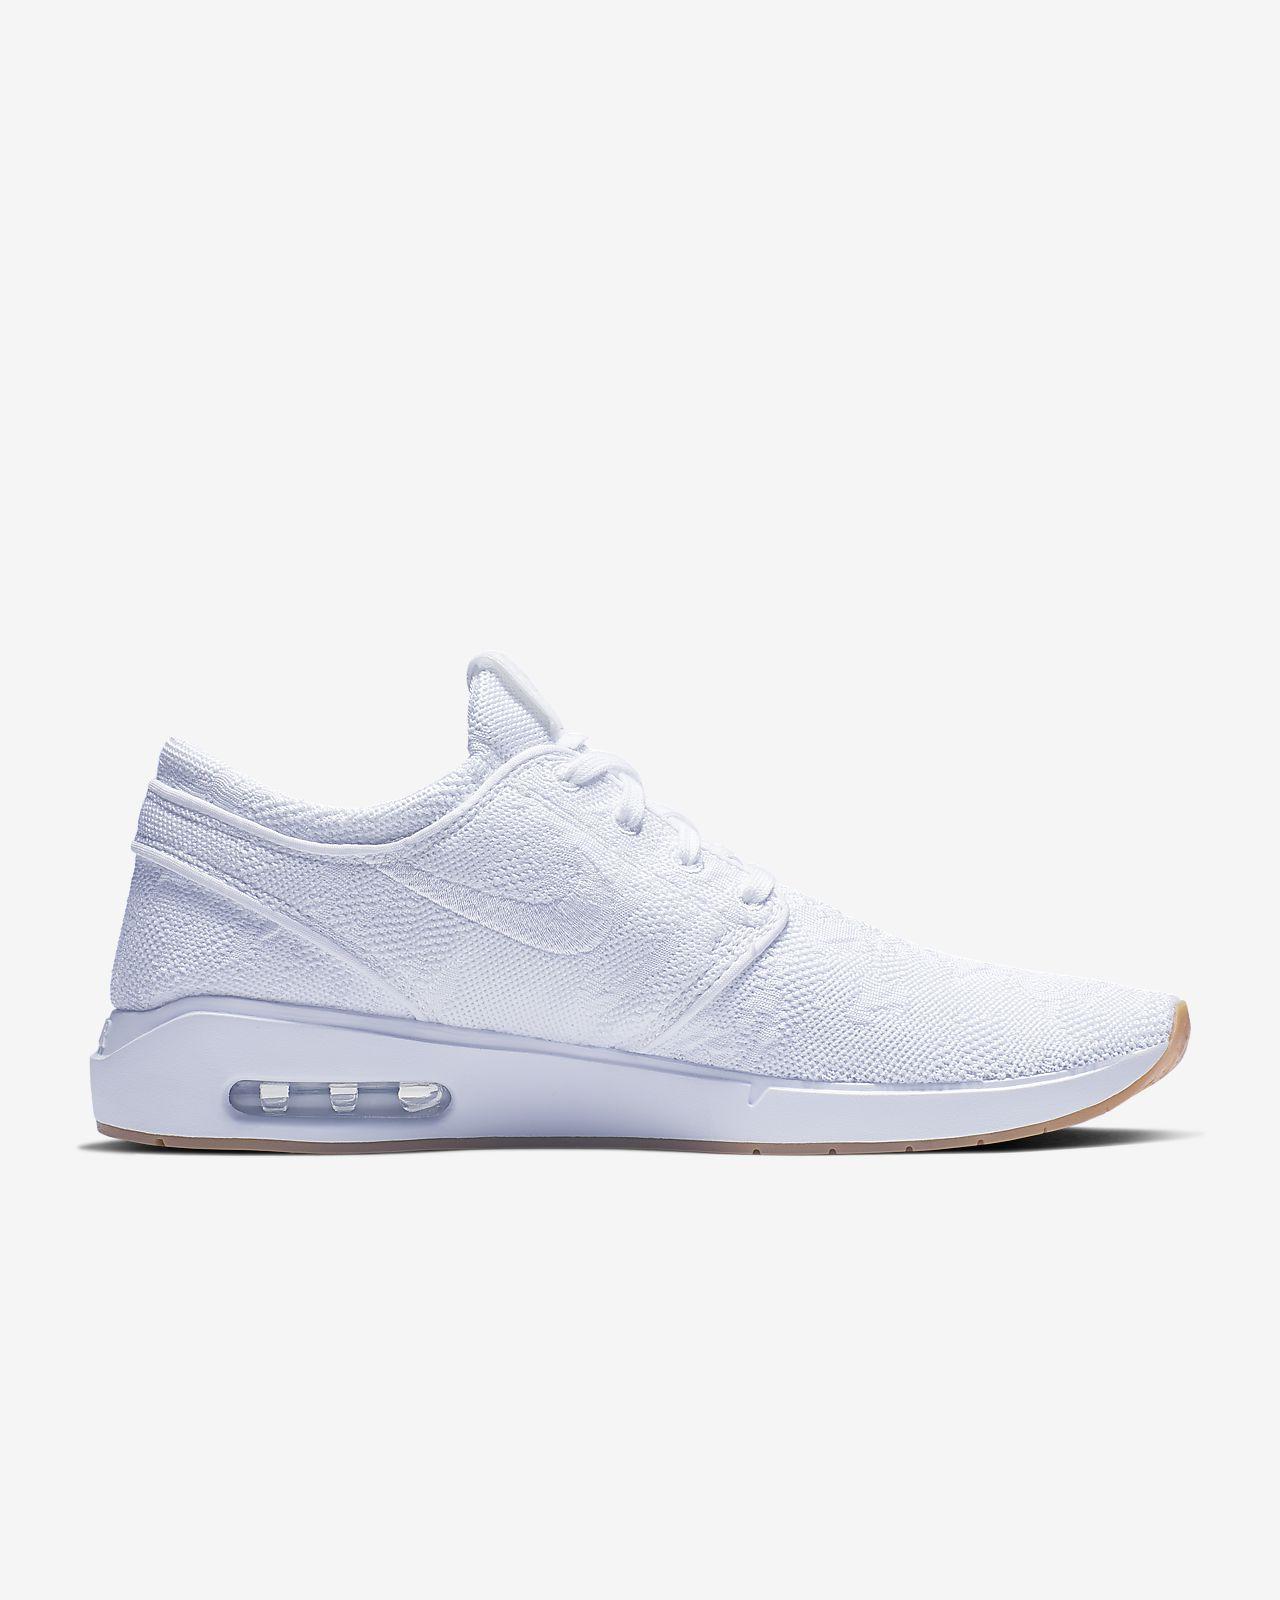 345eac644d3 Nike SB Air Max Janoski 2 Men s Skate Shoe. Nike.com LU